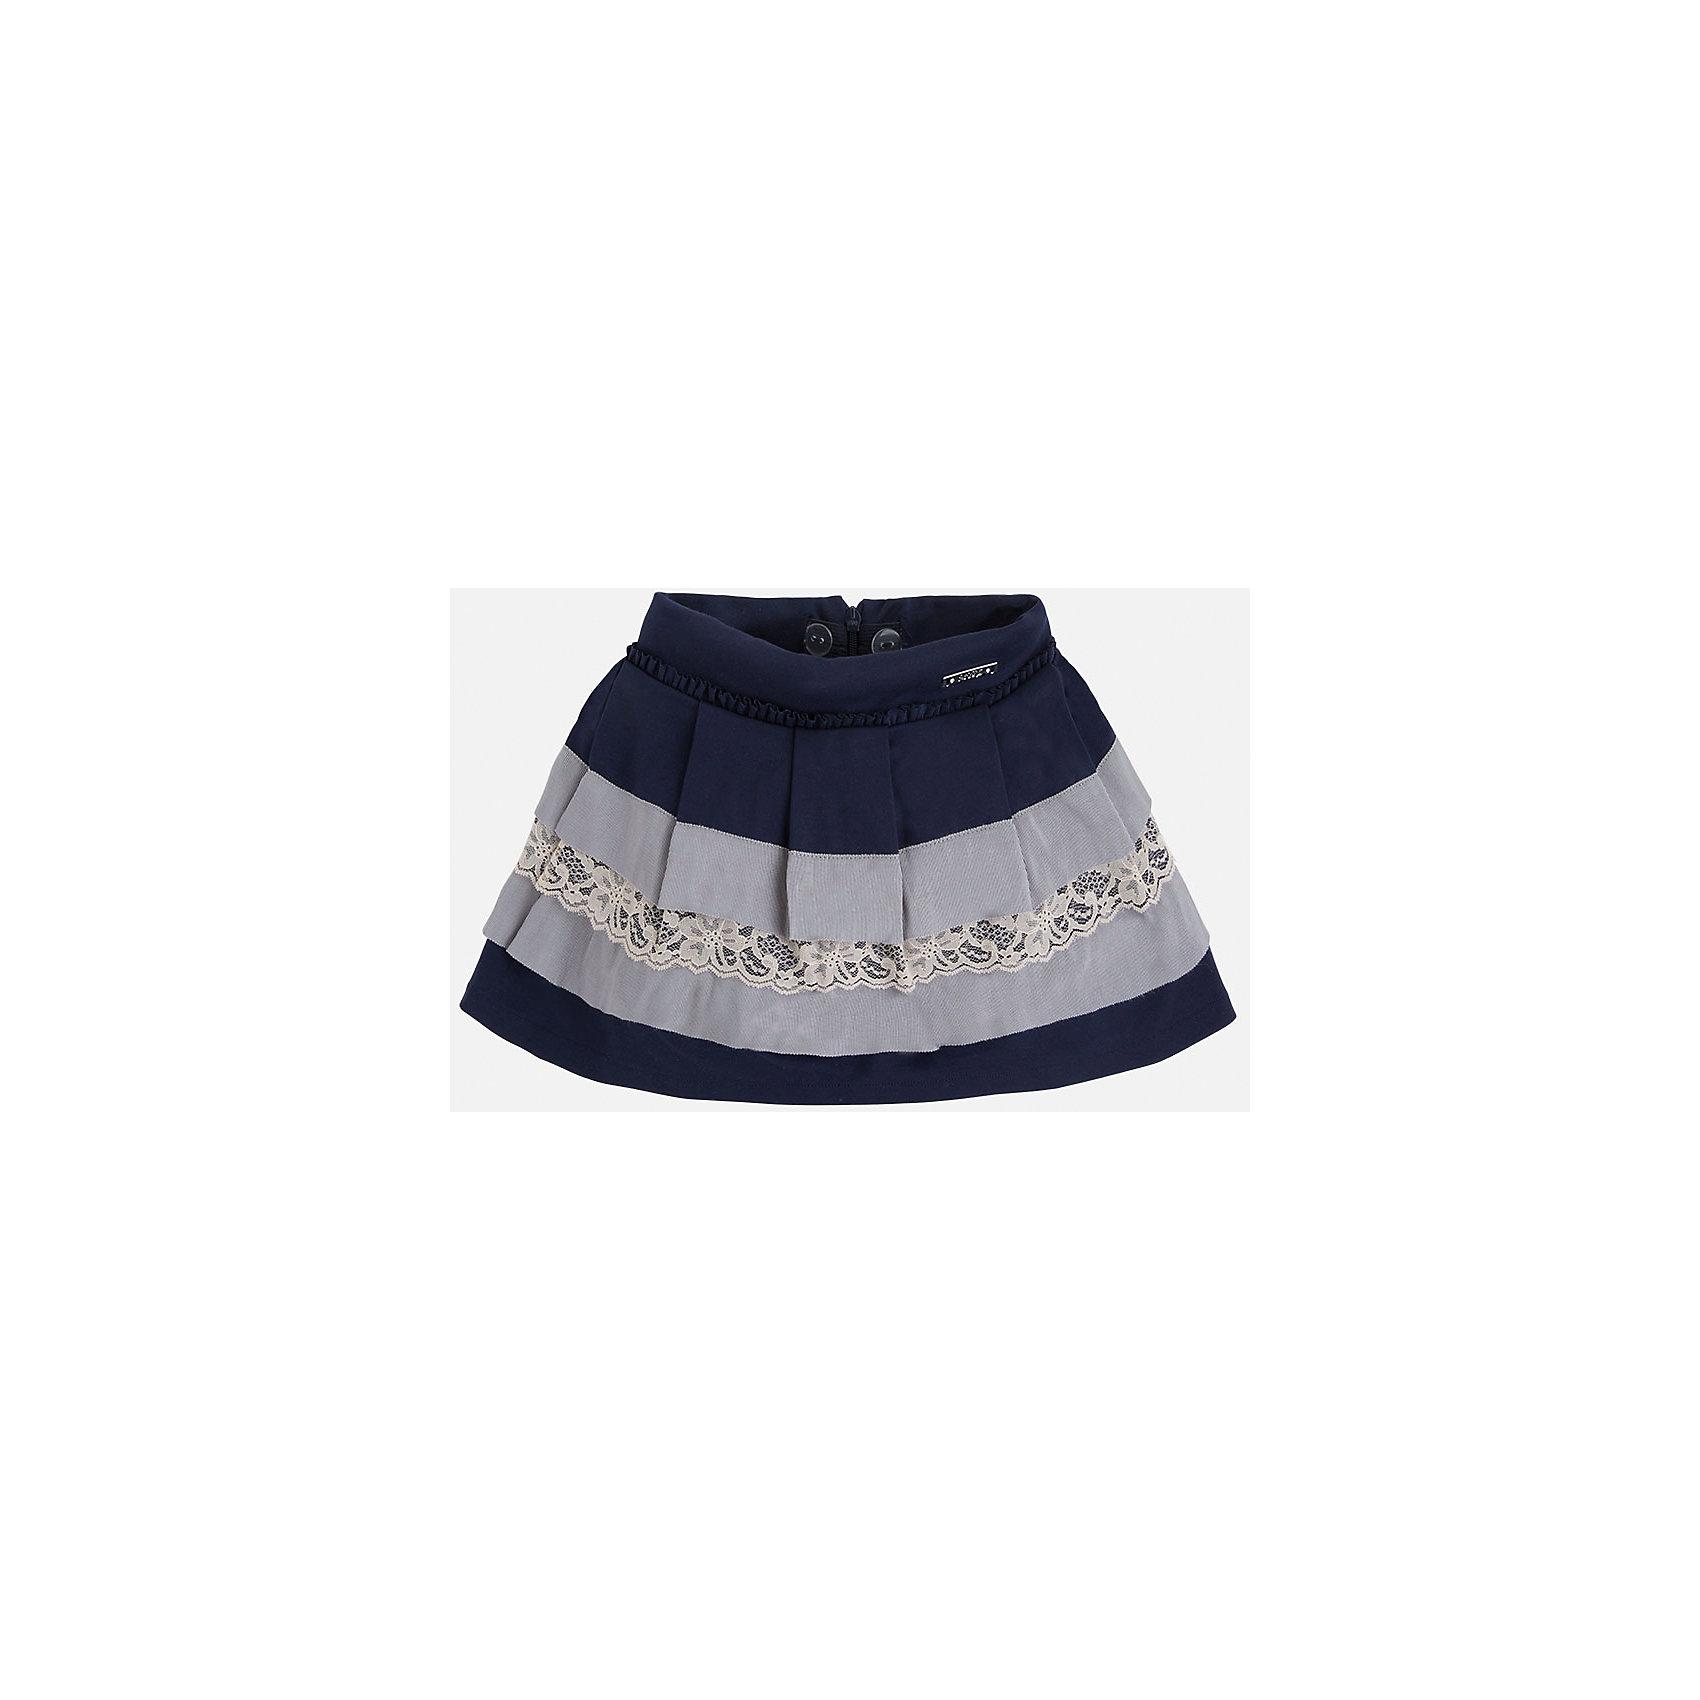 Юбка для девочки MayoralЮбки<br>Юбка для девочка от известного испанского бренда Mayoral(Майорал). Модель изготовлена из качественных материалов, приятных на ощупь. Юбка застегивается на молнию, украшена оборками, нежными кружевами. Контрастный дизайн юбки отлично смотрится на юной моднице!<br>Дополнительная информация:<br>-сзади застегивается на молнию<br>-украшена кружевами и оборками<br>-цвет: синий/серый<br>-состав: 71% вискоза, 26% полиамид, 3% эластан; подкладка: 80% полиэстер, 20% хлопок<br>Юбку Mayoral(Майорал) можно приобрести в нашем интернет-магазине.<br><br>Ширина мм: 207<br>Глубина мм: 10<br>Высота мм: 189<br>Вес г: 183<br>Цвет: синий<br>Возраст от месяцев: 36<br>Возраст до месяцев: 48<br>Пол: Женский<br>Возраст: Детский<br>Размер: 104,134,128,122,116,98,110<br>SKU: 4844247